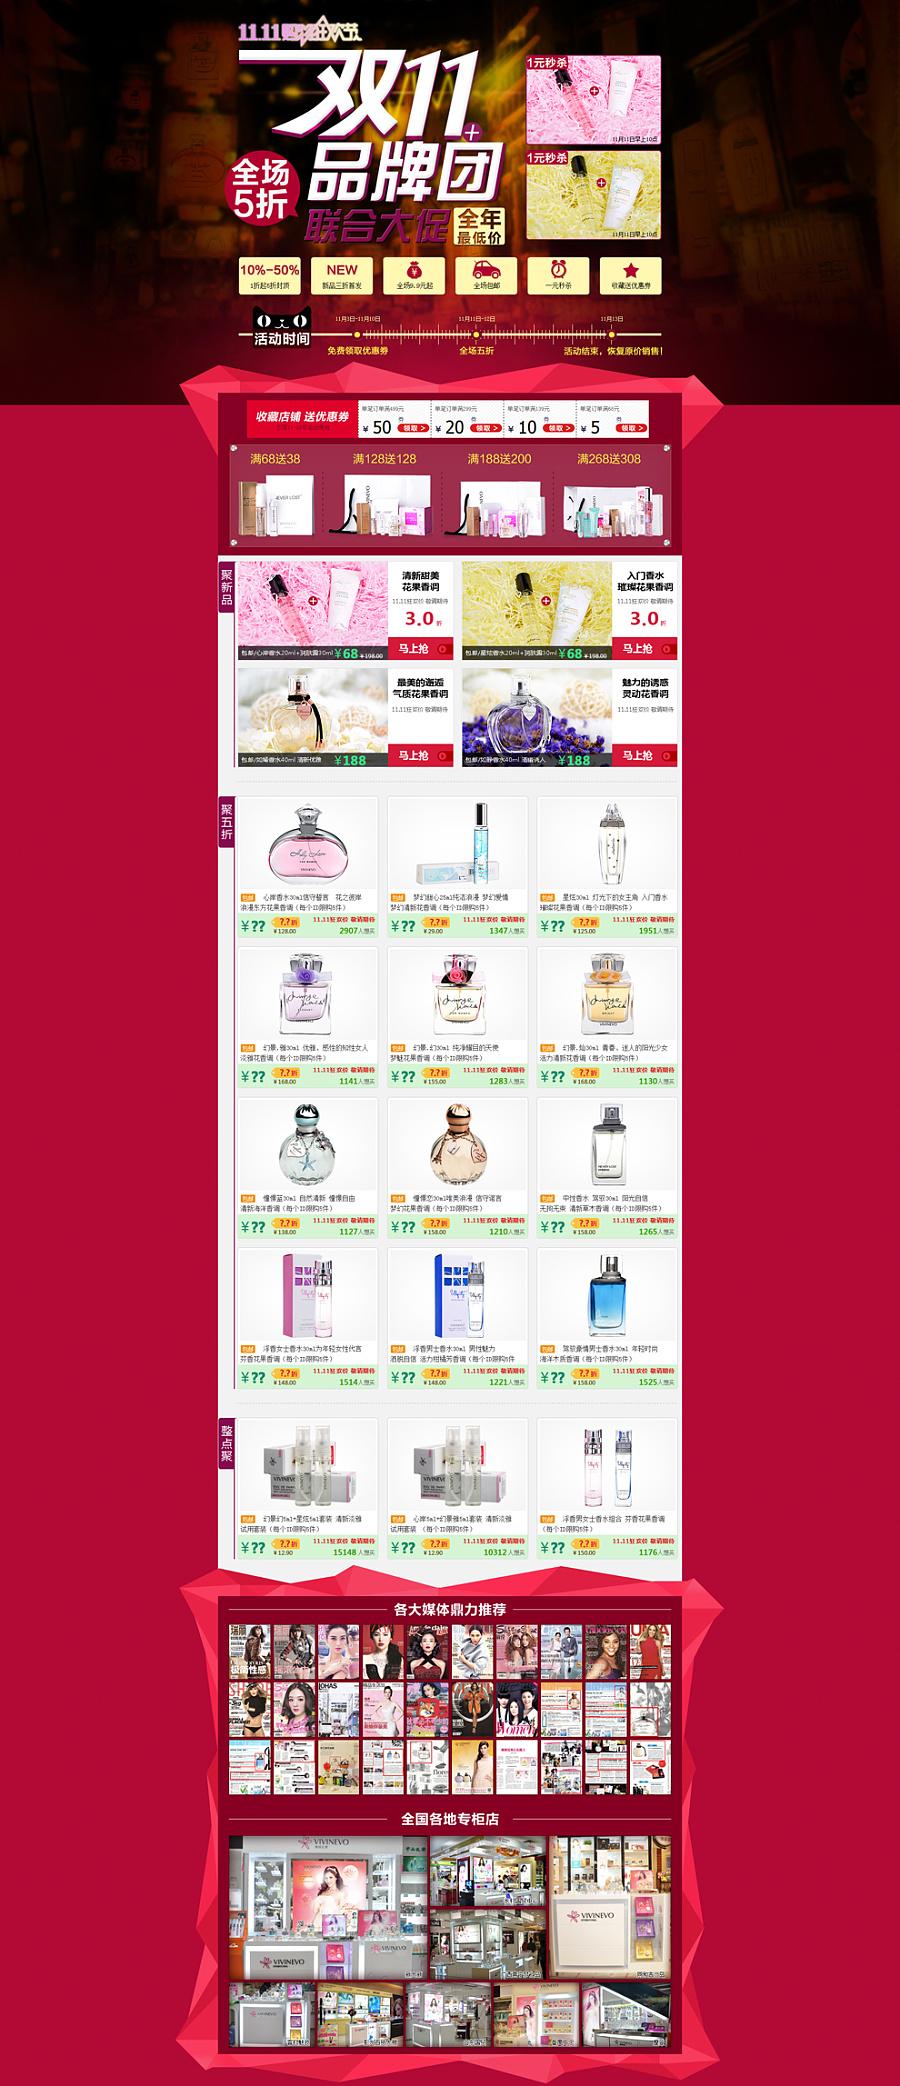 维维尼奥香水-双十一活动页面|电商|网页|璎珞 - 原创